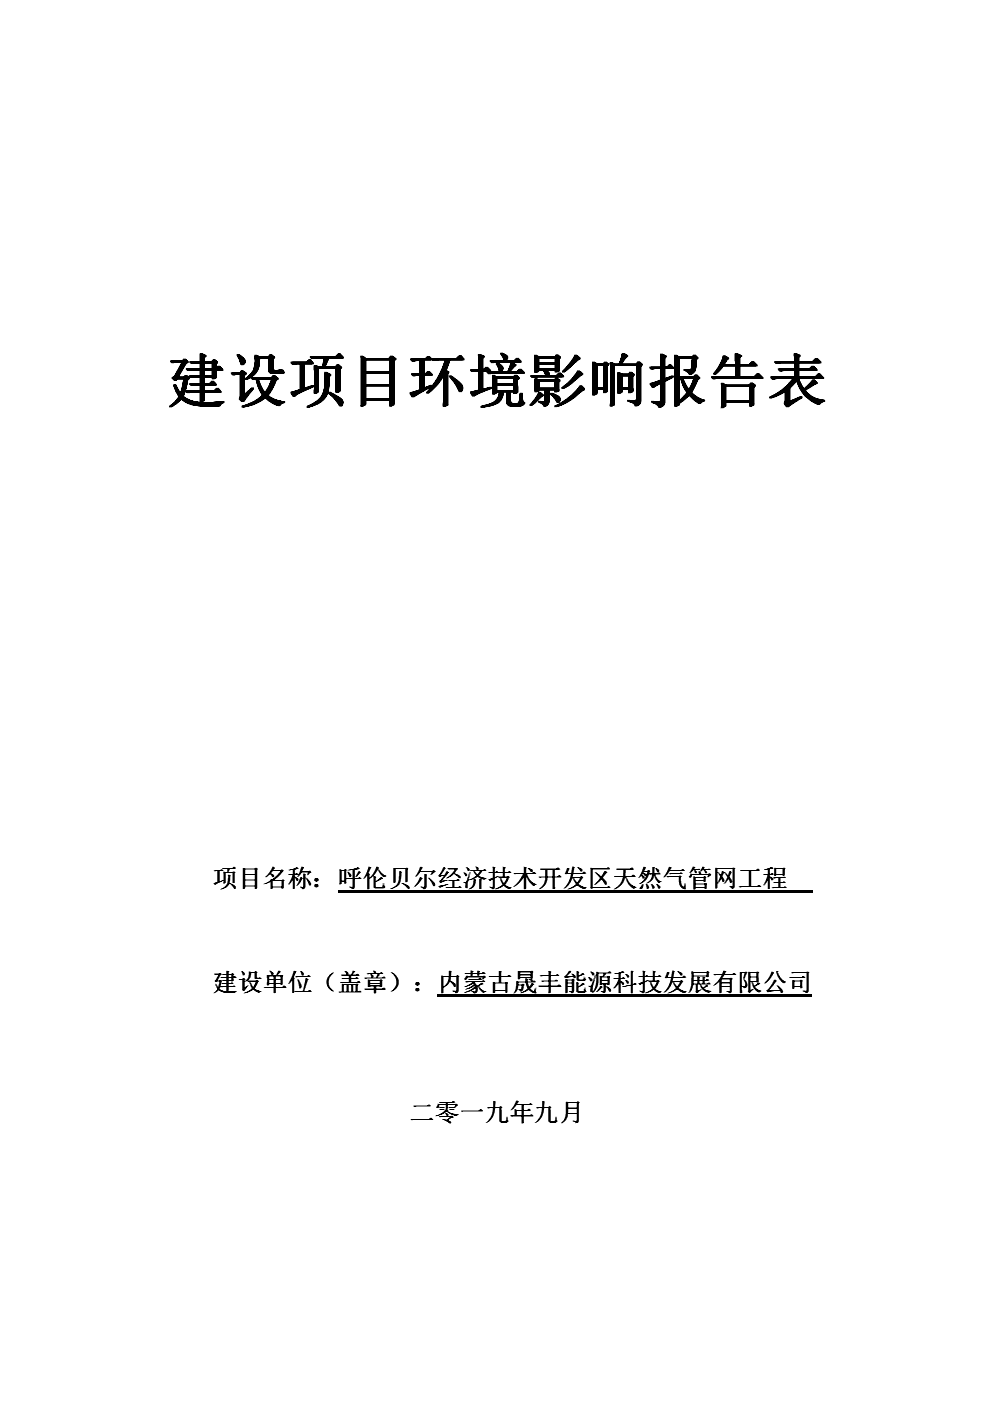 天然气管网项目环境影响报告表.doc